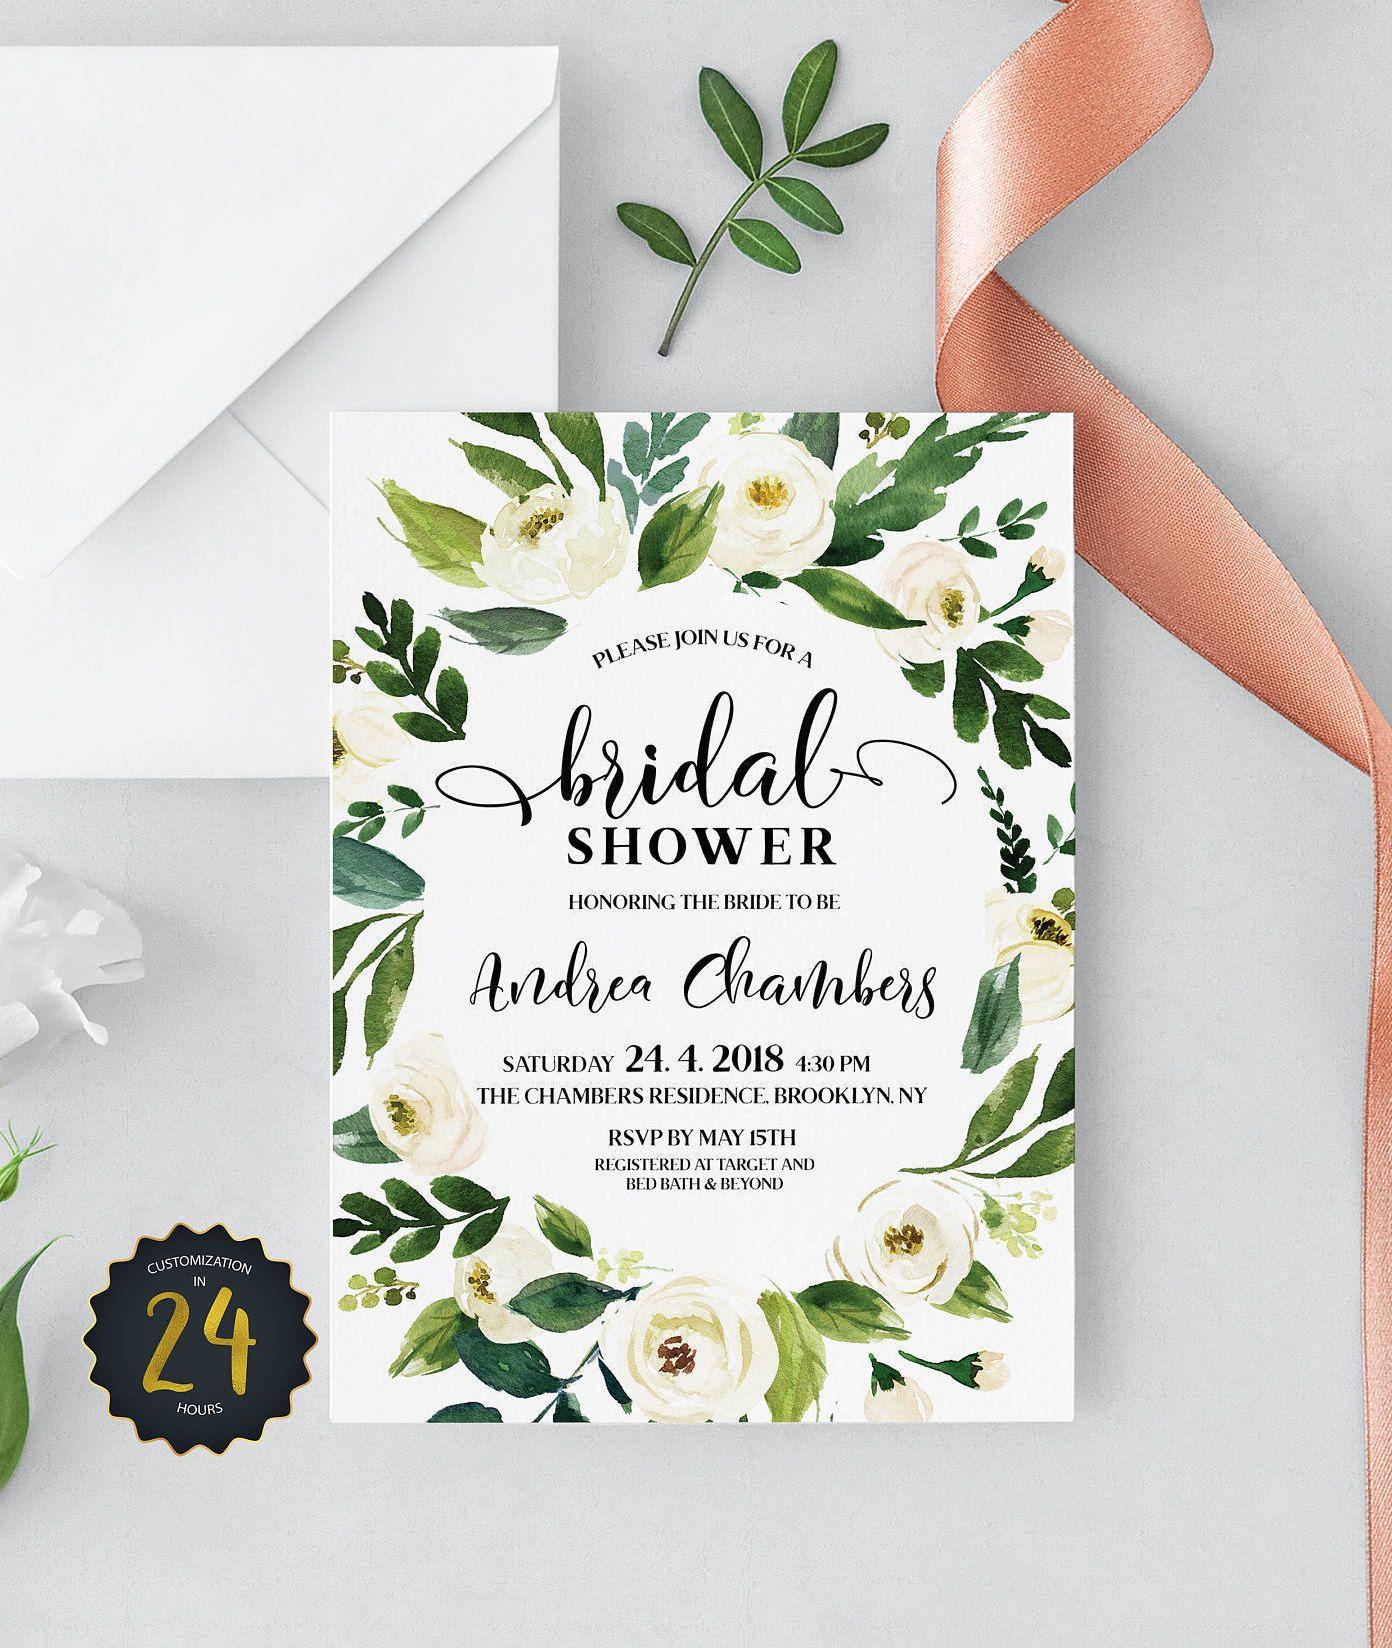 Bridal Shower Template New Floral Bridal Shower Invitation  Printable Boho Bridal Shower .